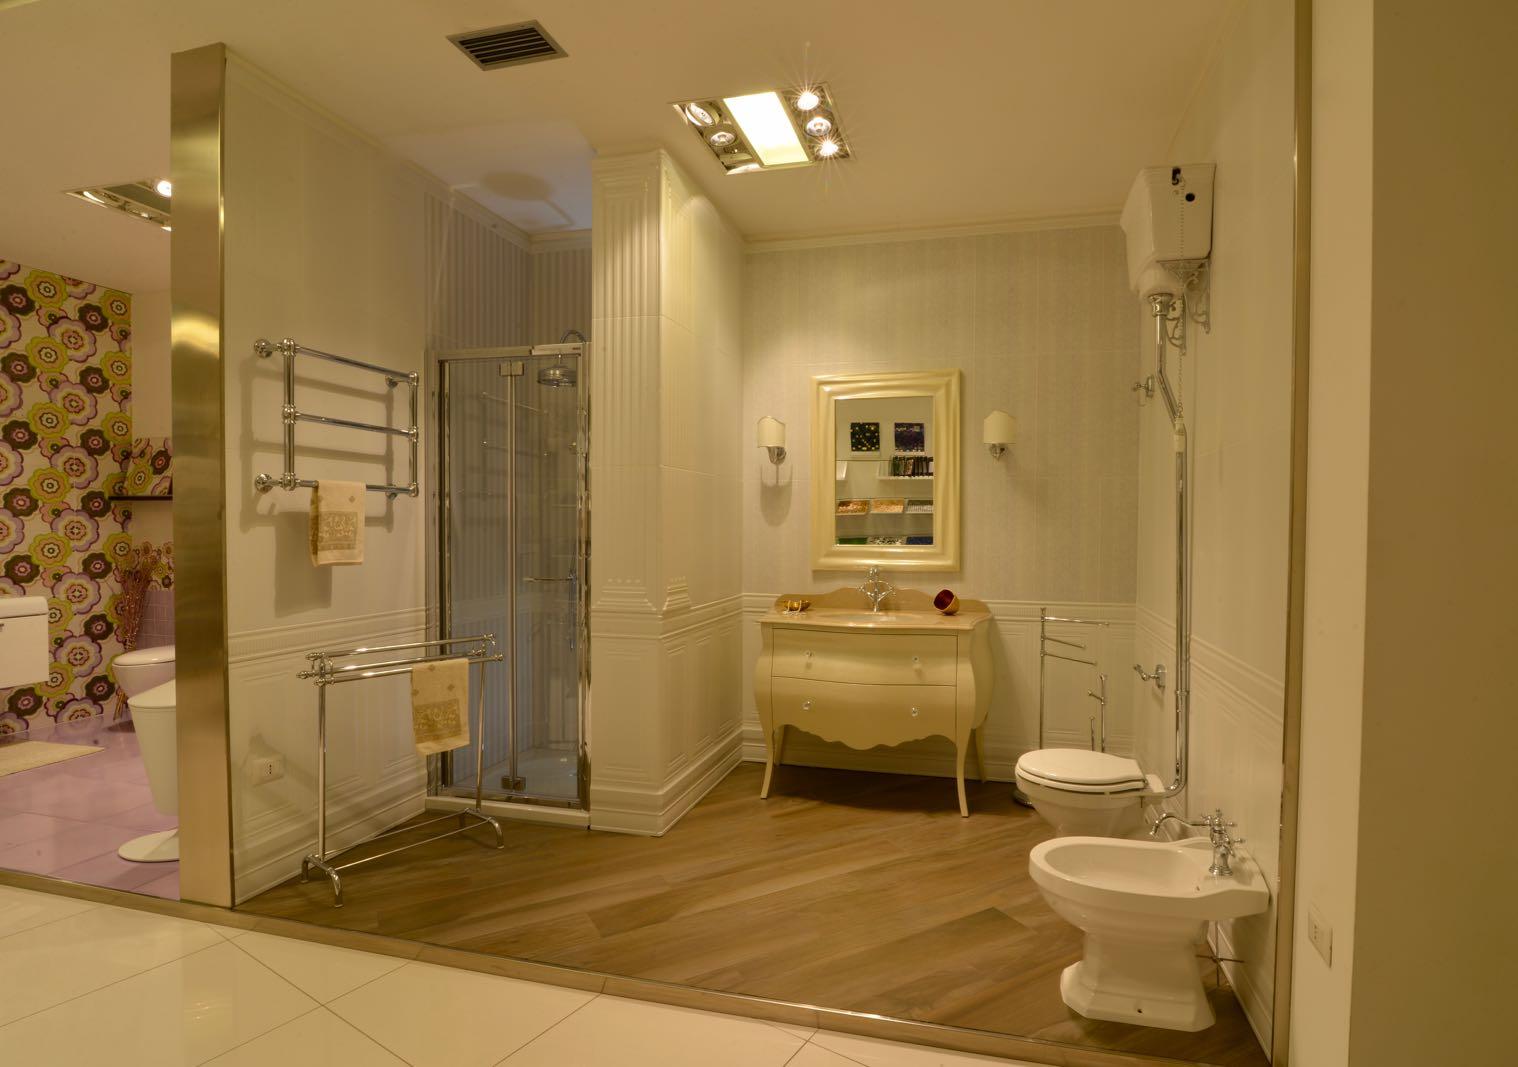 Arredi bagni lavabo bagno design moderno per arredi bagni for 2 piani letto 2 bagni